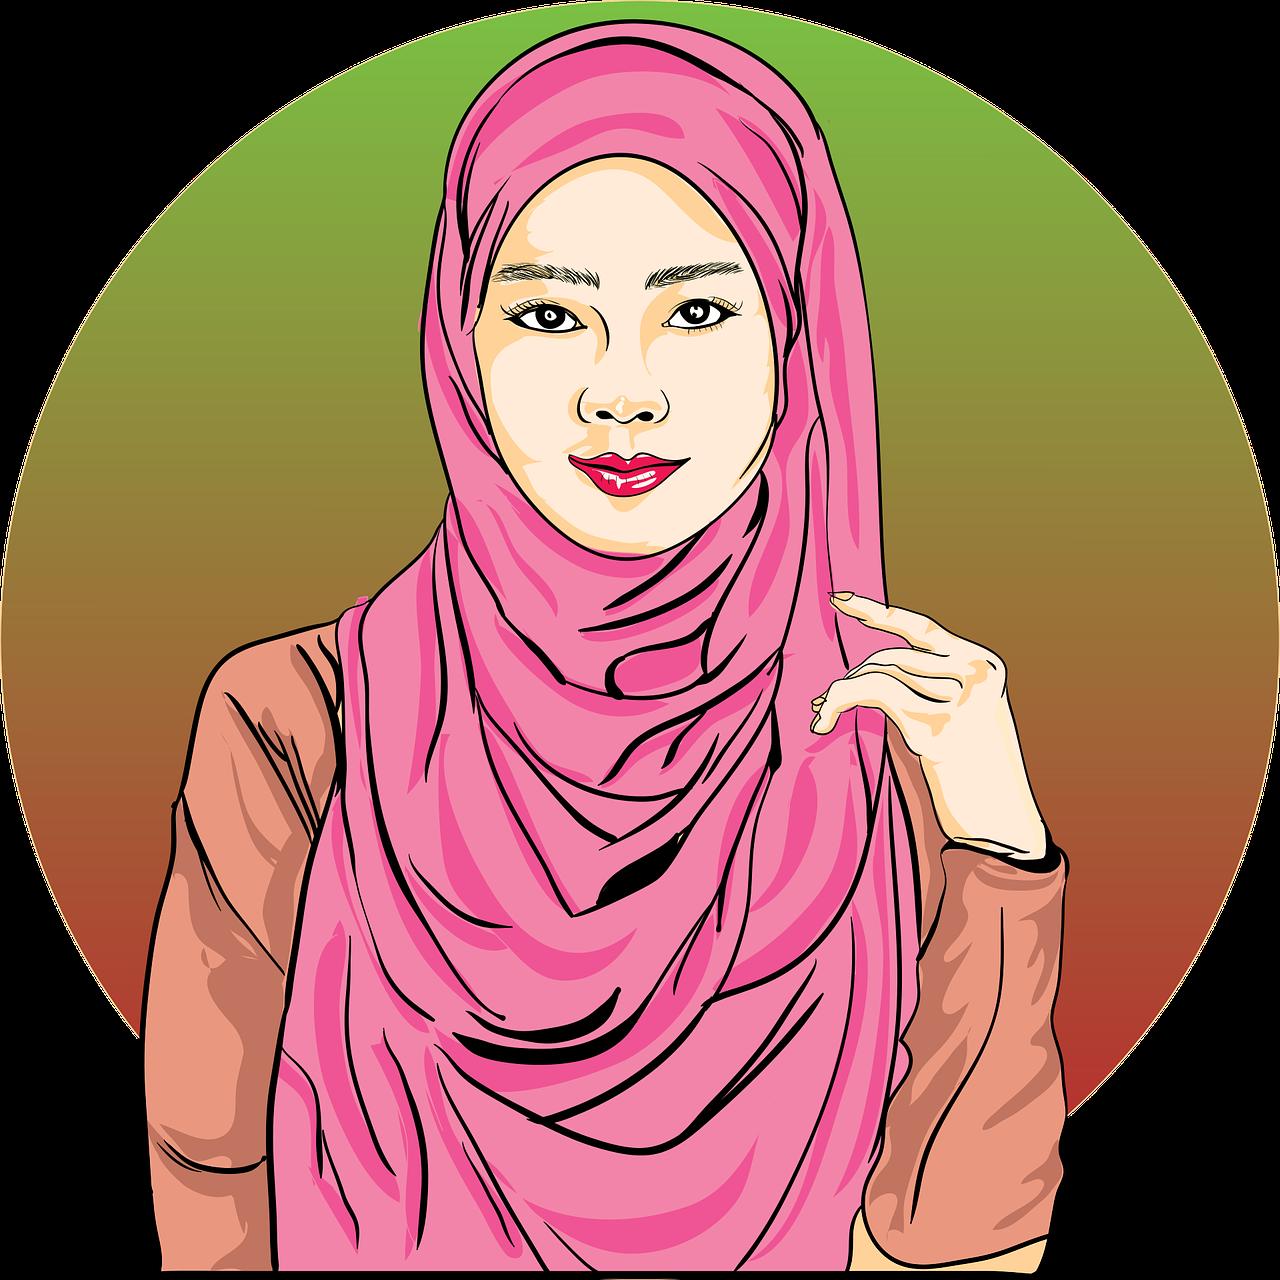 hijab-3878641_1280